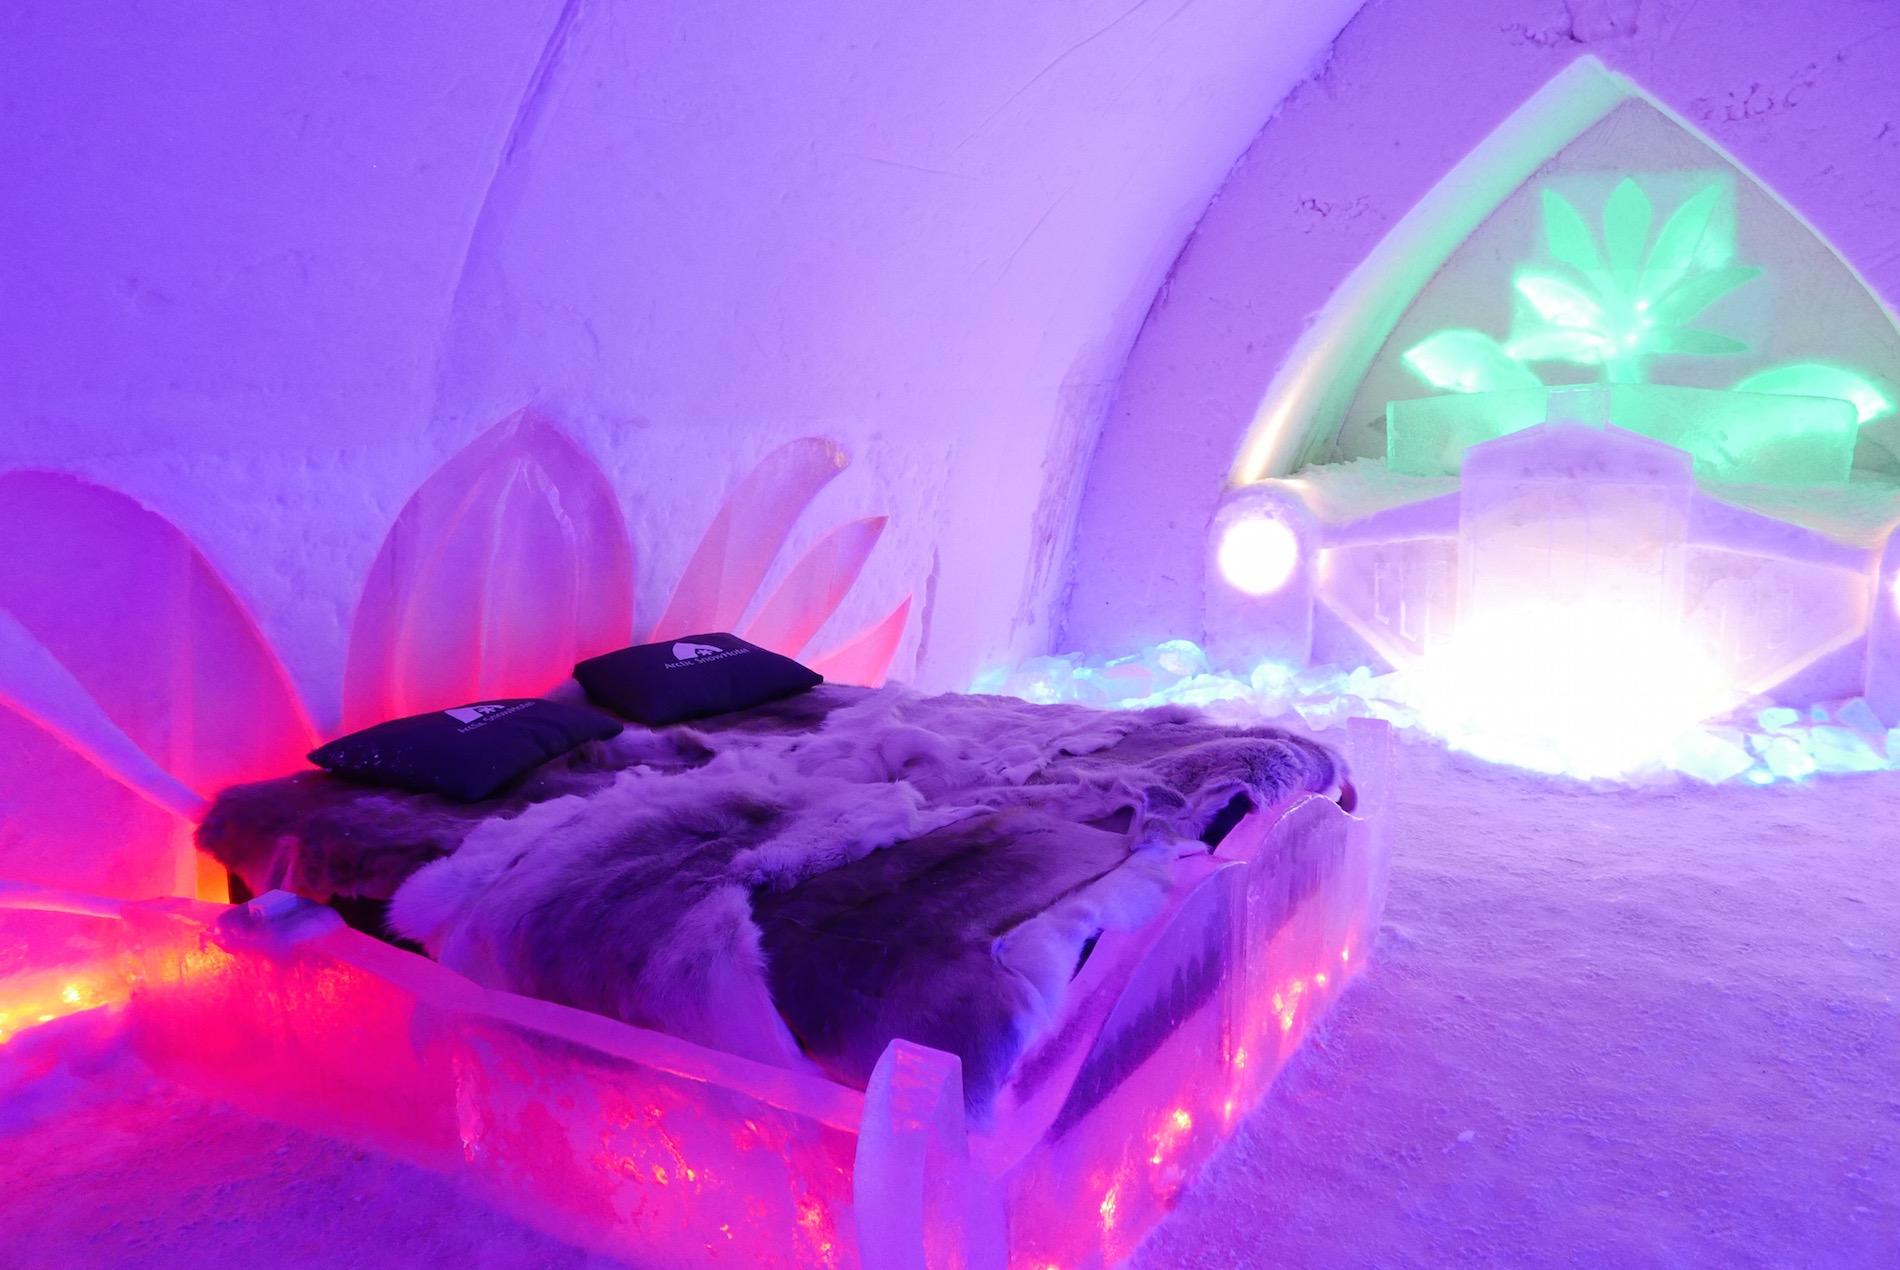 arctic-snow-hotel-lapland-finland-6